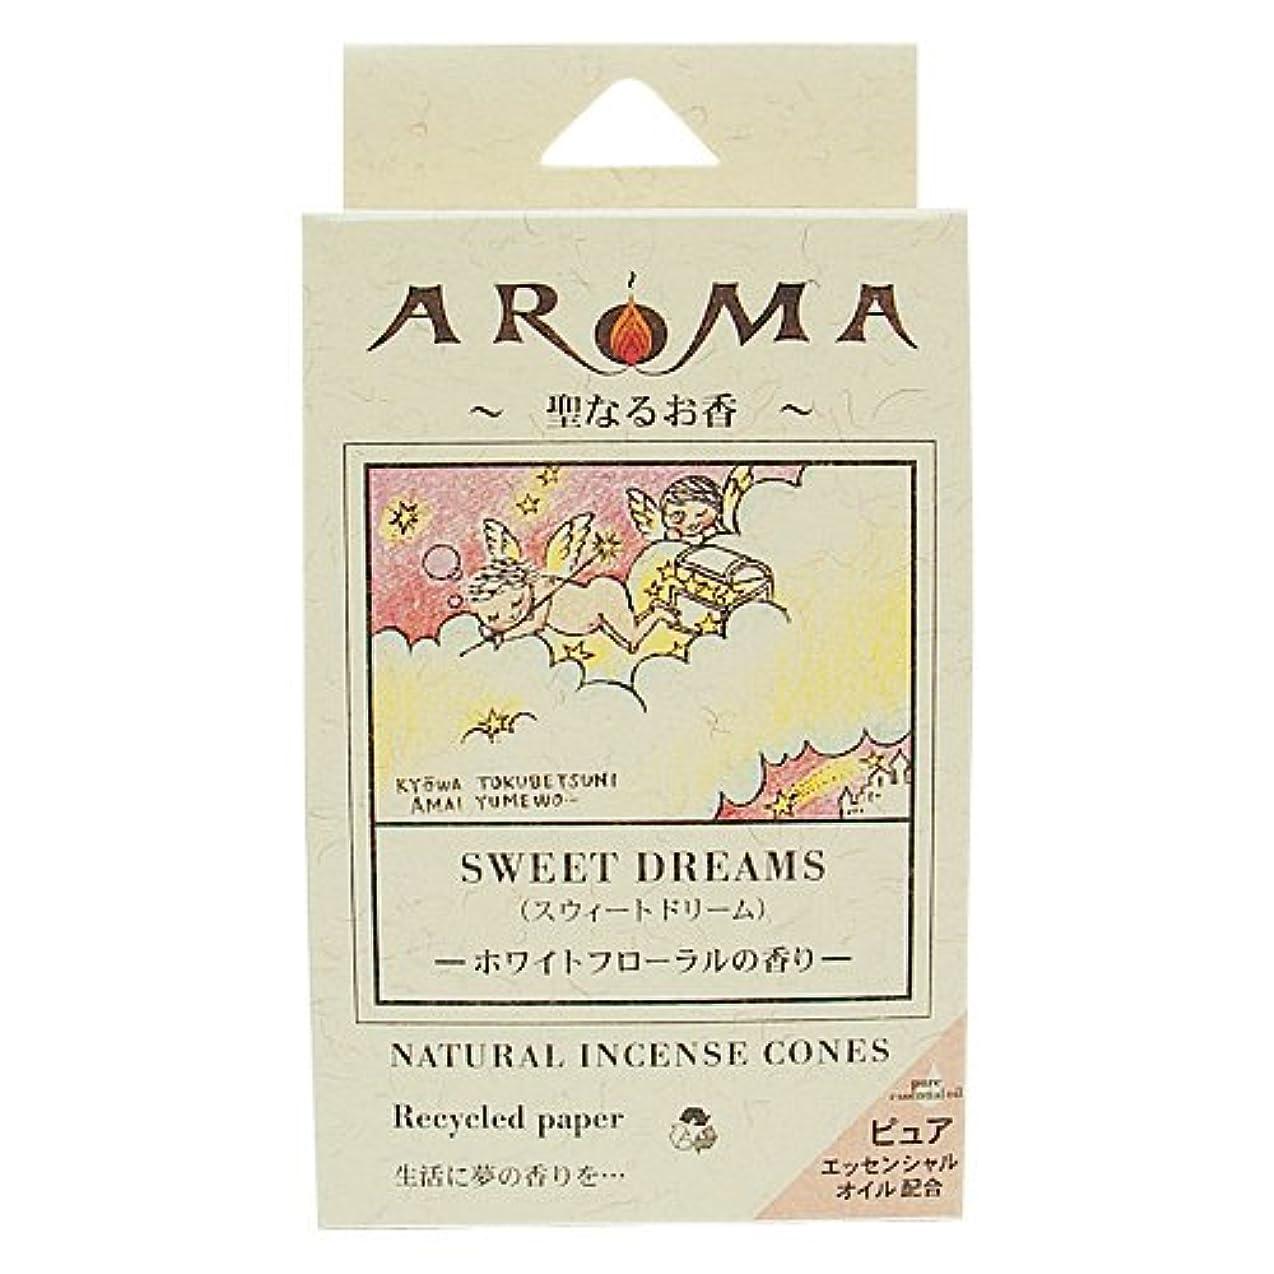 自然公園眠っている現象アロマ香 スウィートドリーム 16粒(コーンタイプインセンス 1粒の燃焼時間約20分 ホワイトフローラルの香り)